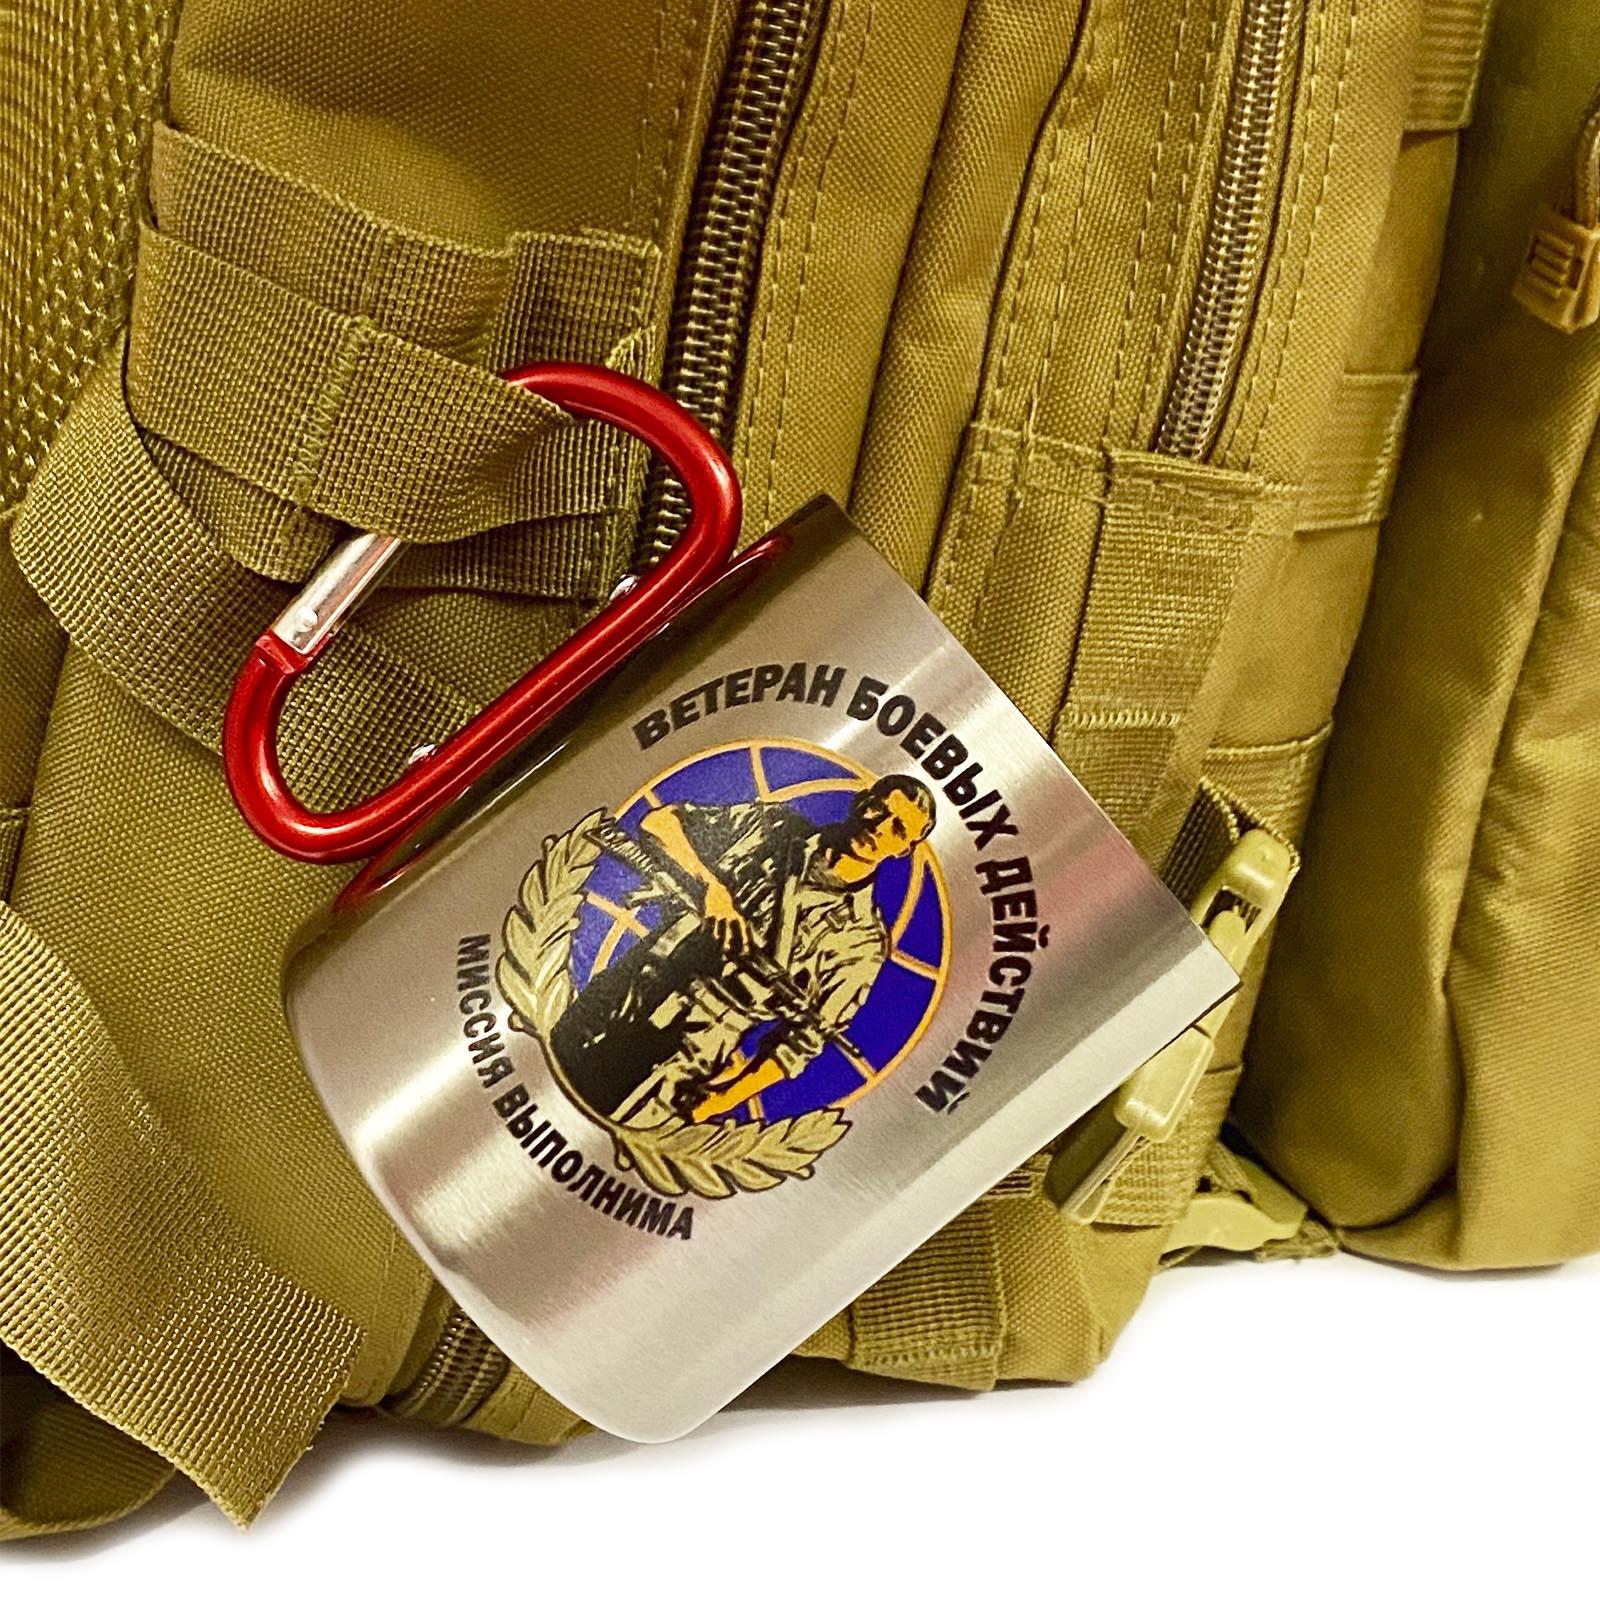 Походная кружка Ветерану боевых действий